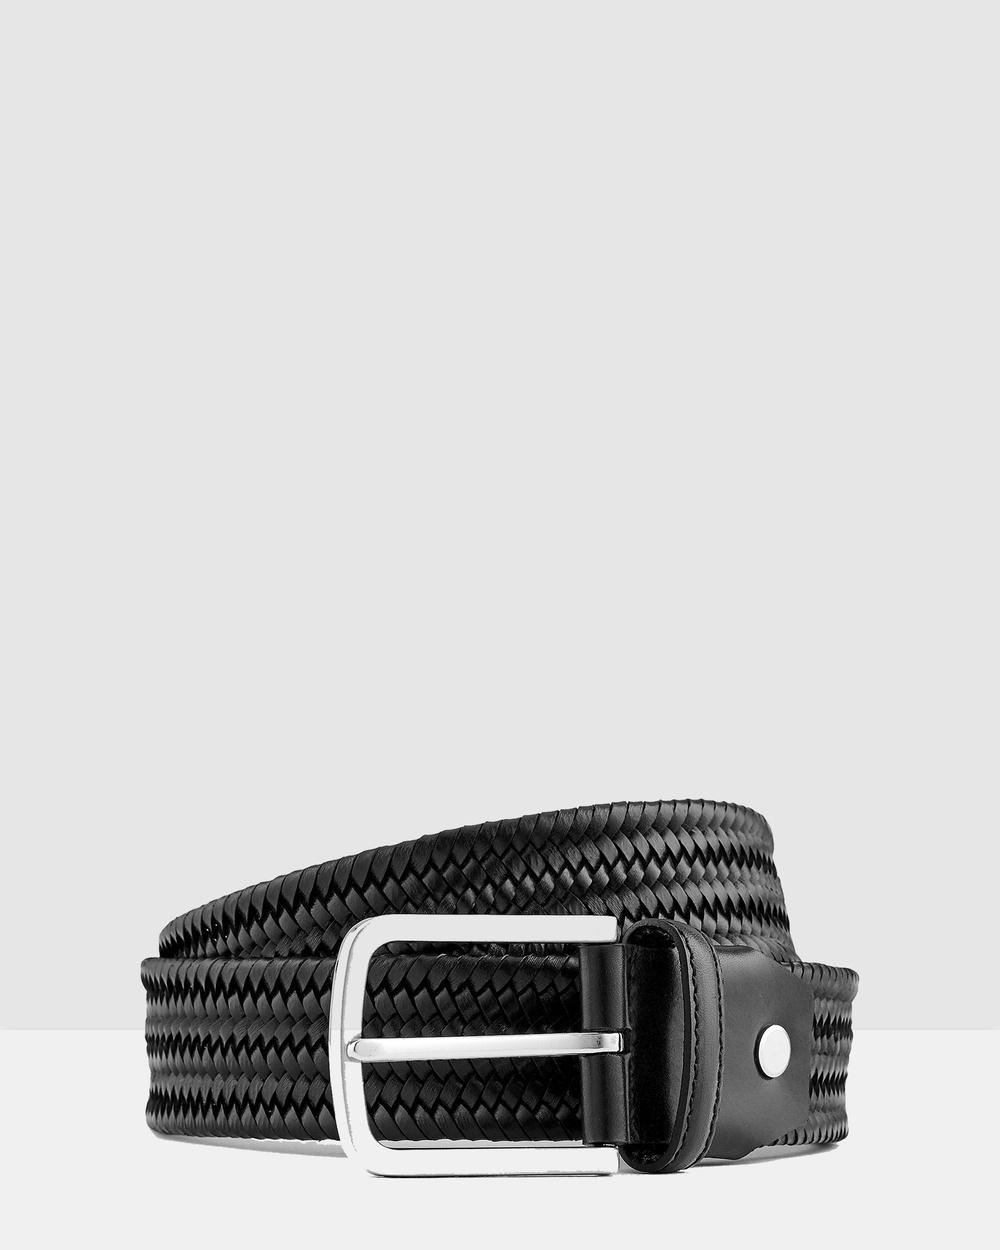 Aquila Den Belt Belts Black